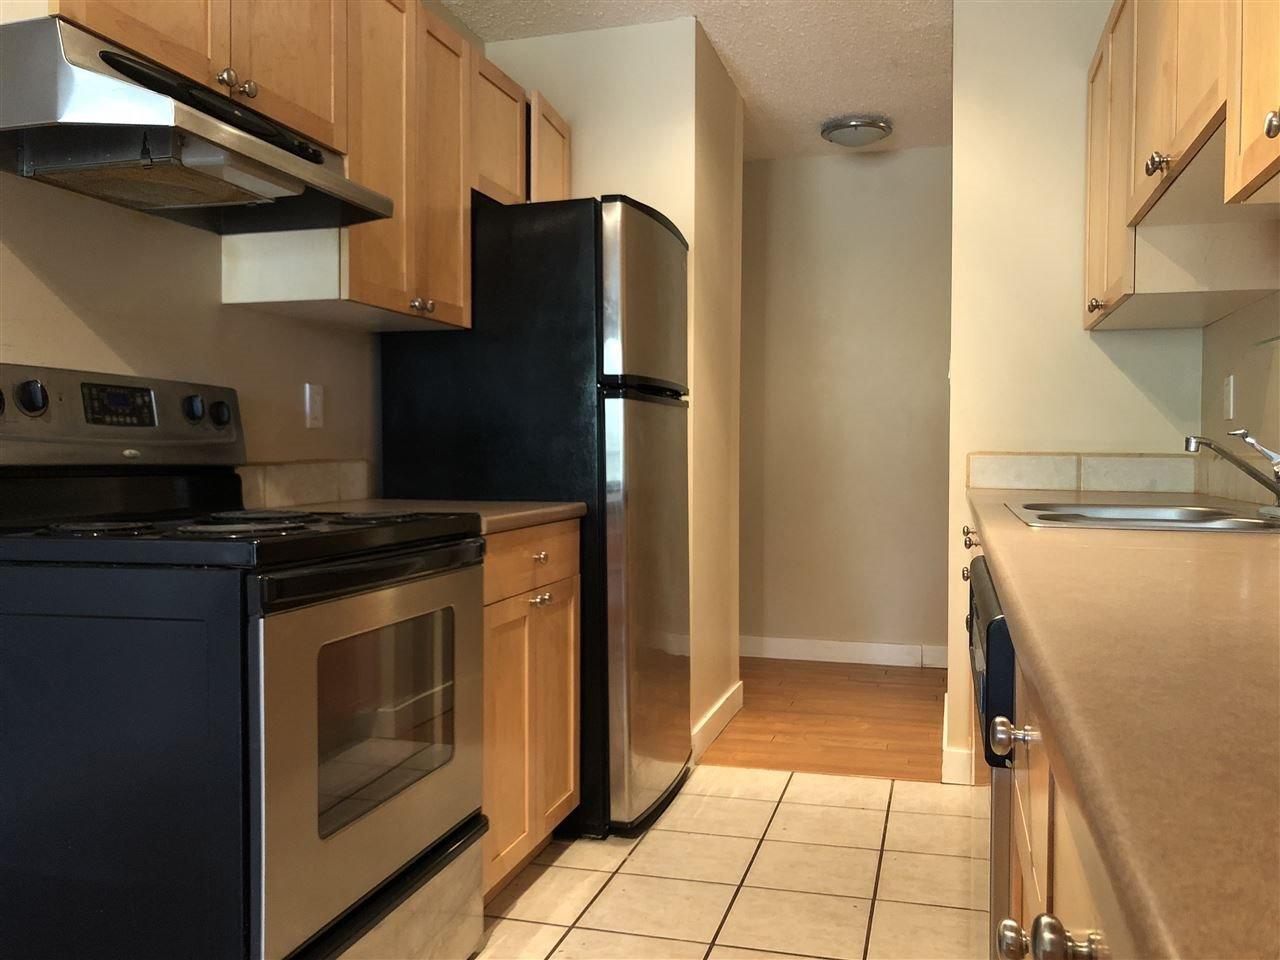 Main Photo: 202 10917 109 Street in Edmonton: Zone 08 Condo for sale : MLS®# E4156517